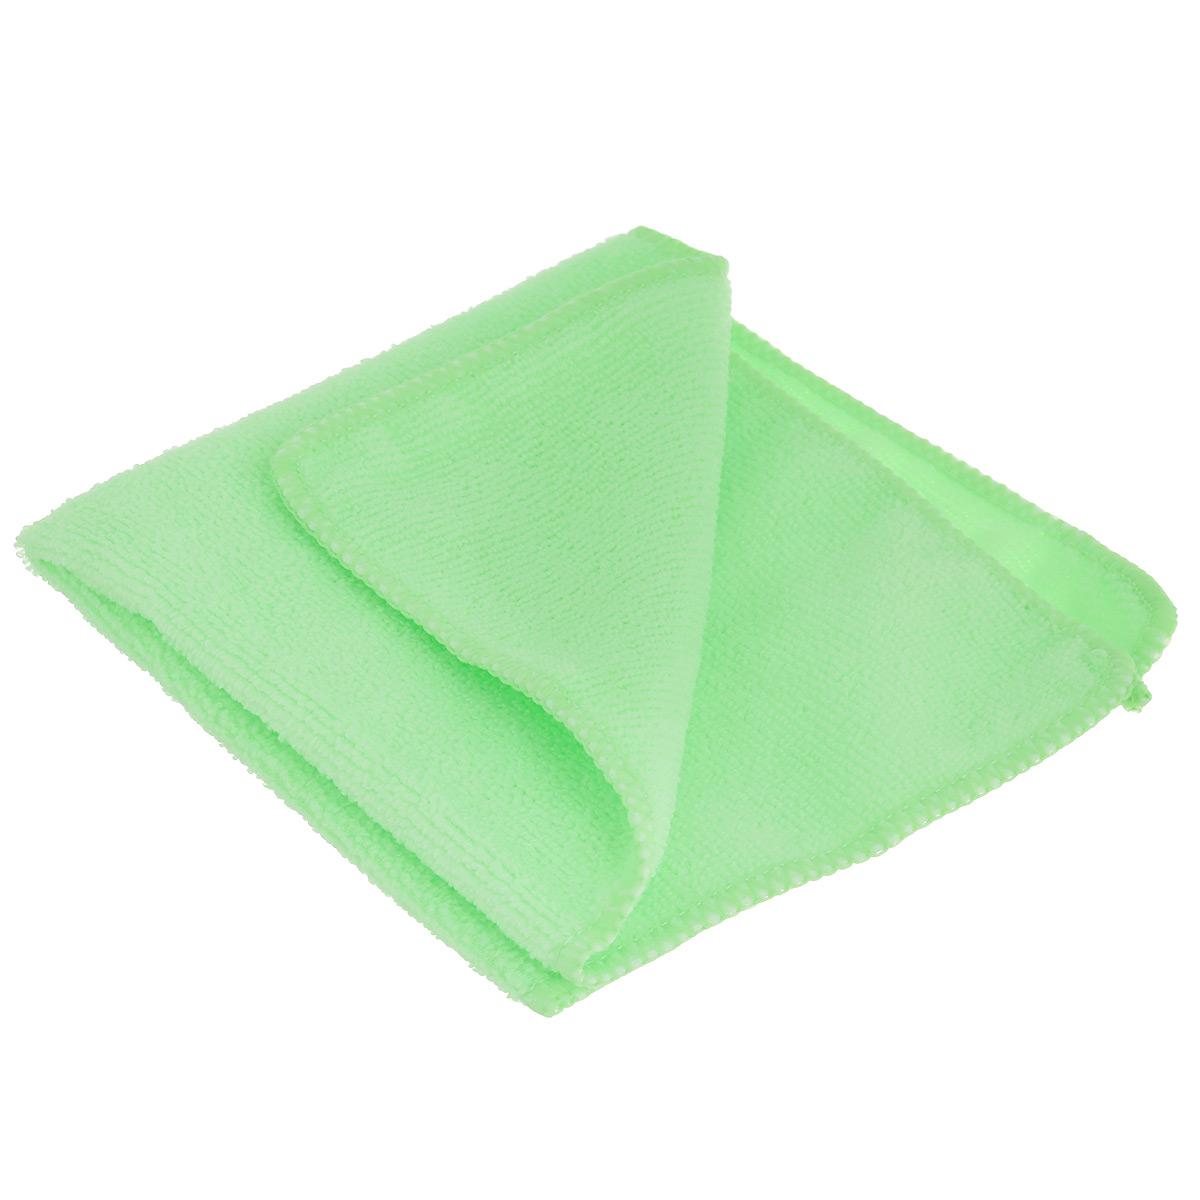 Салфетка для уборки Youll Love, цвет: салатовый, 30 х 30 см58043_салатовыйСалфетка Youll Love, изготовленная из полиэфира, предназначена для очищения загрязнений на любых поверхностях. Изделие обладает высокой износоустойчивостью и рассчитано на многократное использование, легко моется в теплой воде с мягкими чистящими средствами. Супервпитывающая салфетка не оставляет разводов и ворсинок, удаляет большинство жирных и маслянистых загрязнений без использования химических средств. Размер салфетки: 30 см х 30 см.